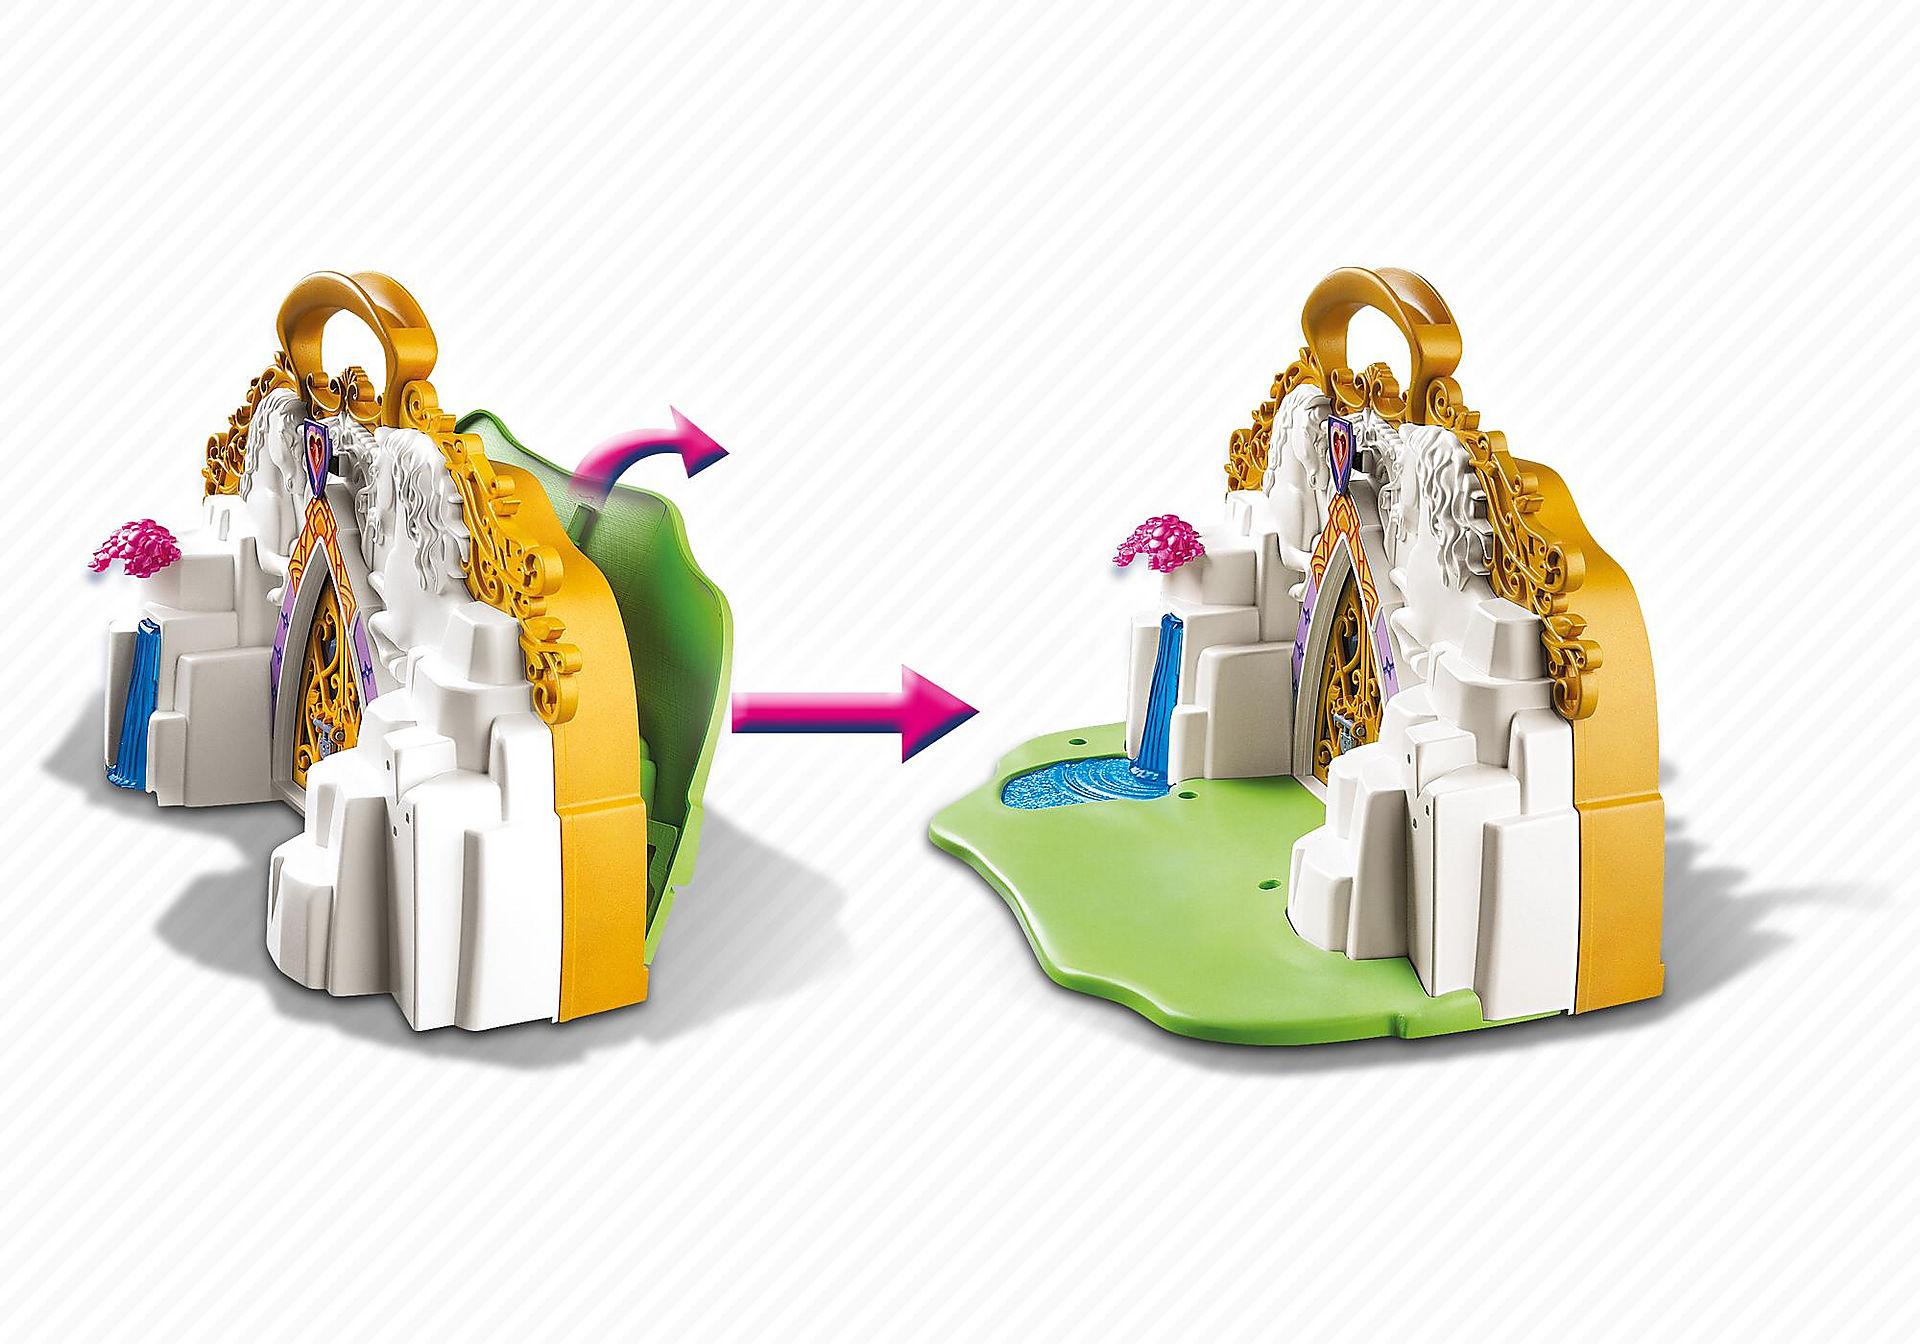 5208 Eénhoornkoffer met magisch sprookjesland zoom image4